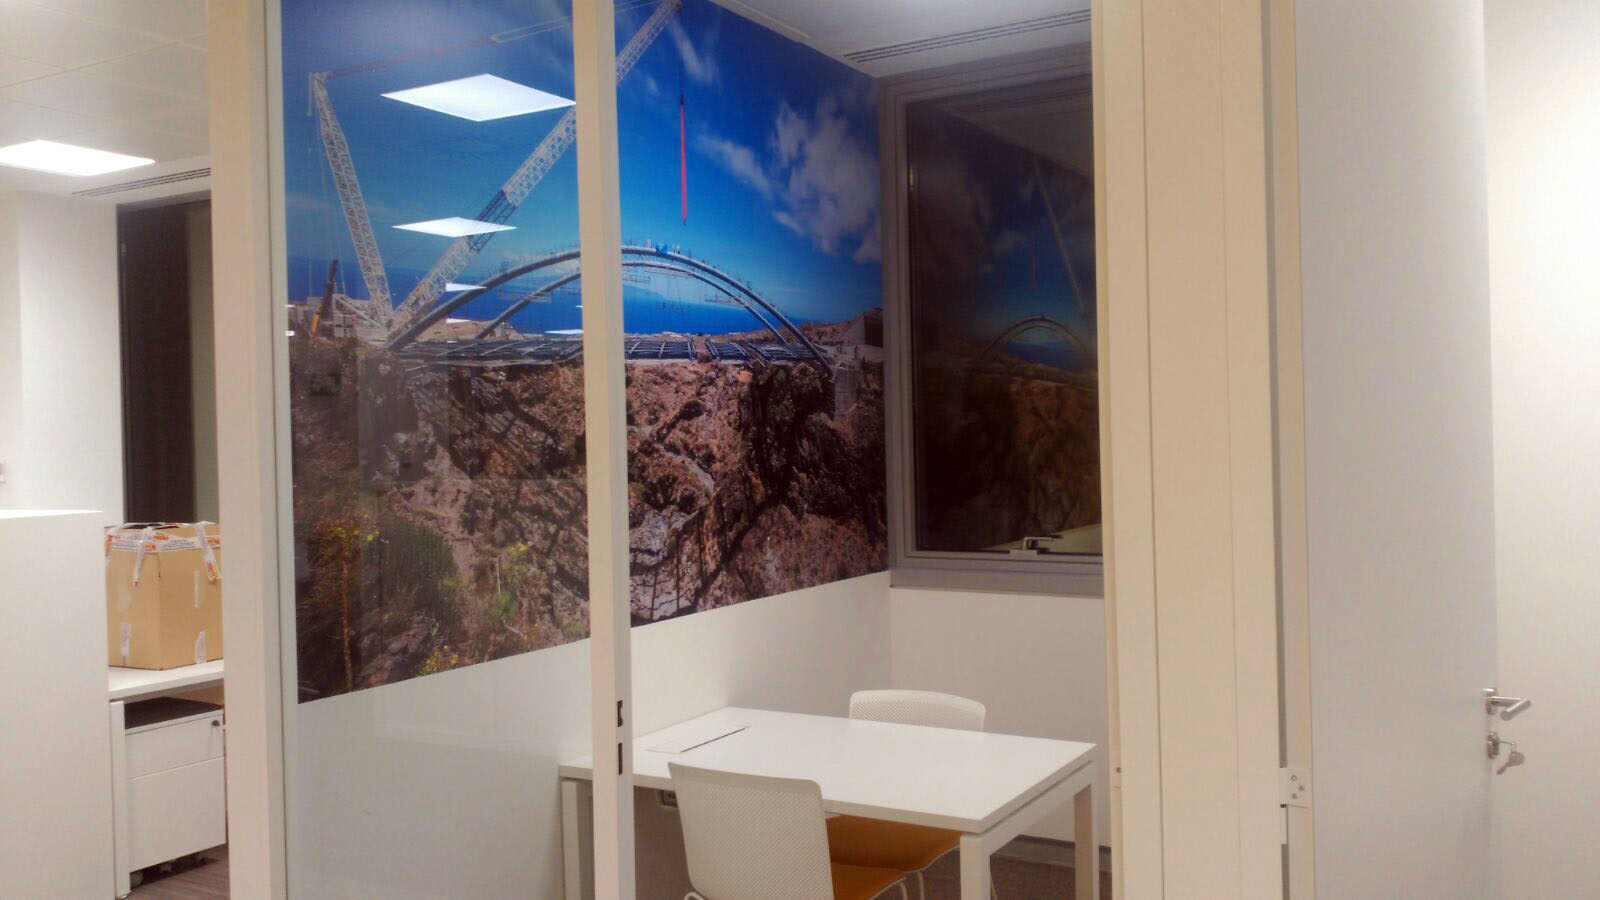 Decoraci n de interiores blog dinasa for Decoracion de interiores blog